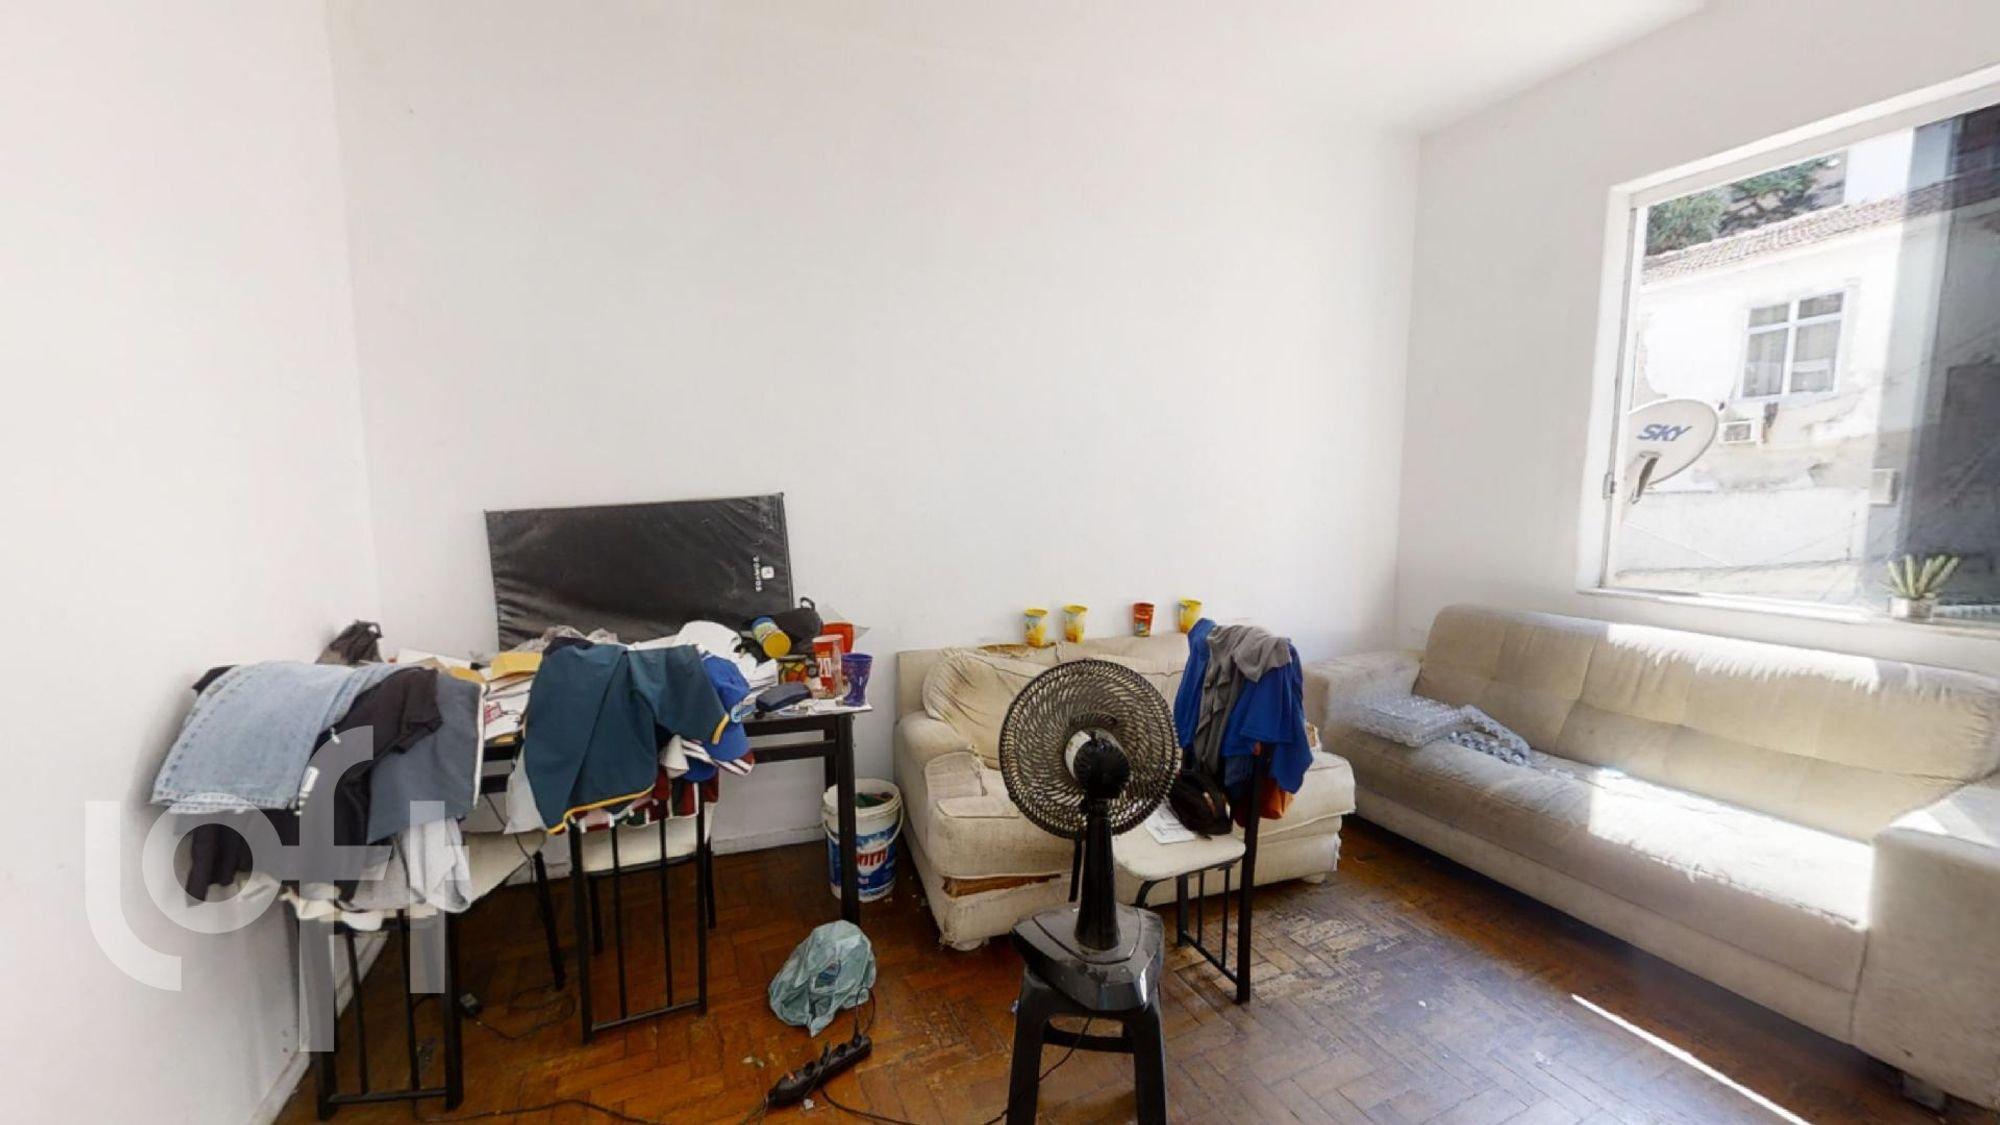 Foto de Sala com sofá, cadeira, mochila